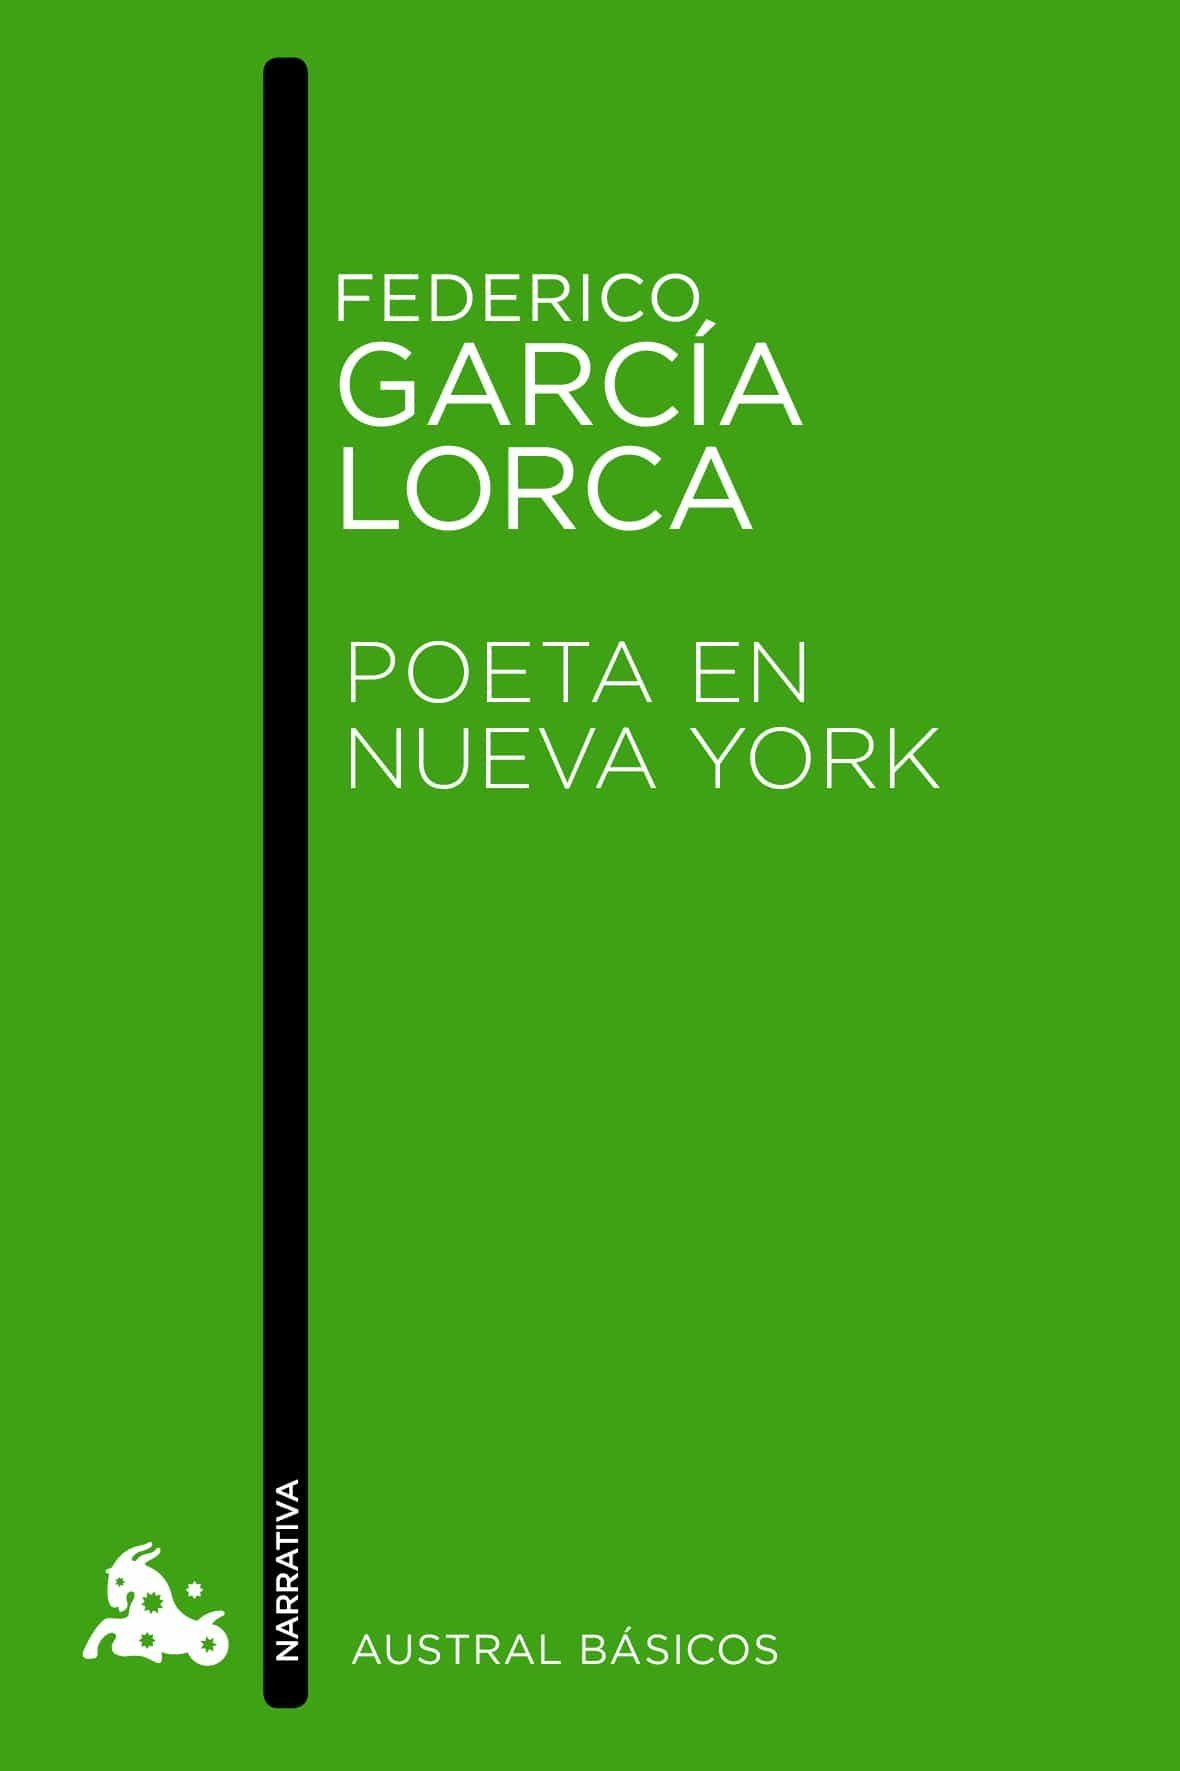 poeta en nueva york-federico garcia lorca-9788467043631